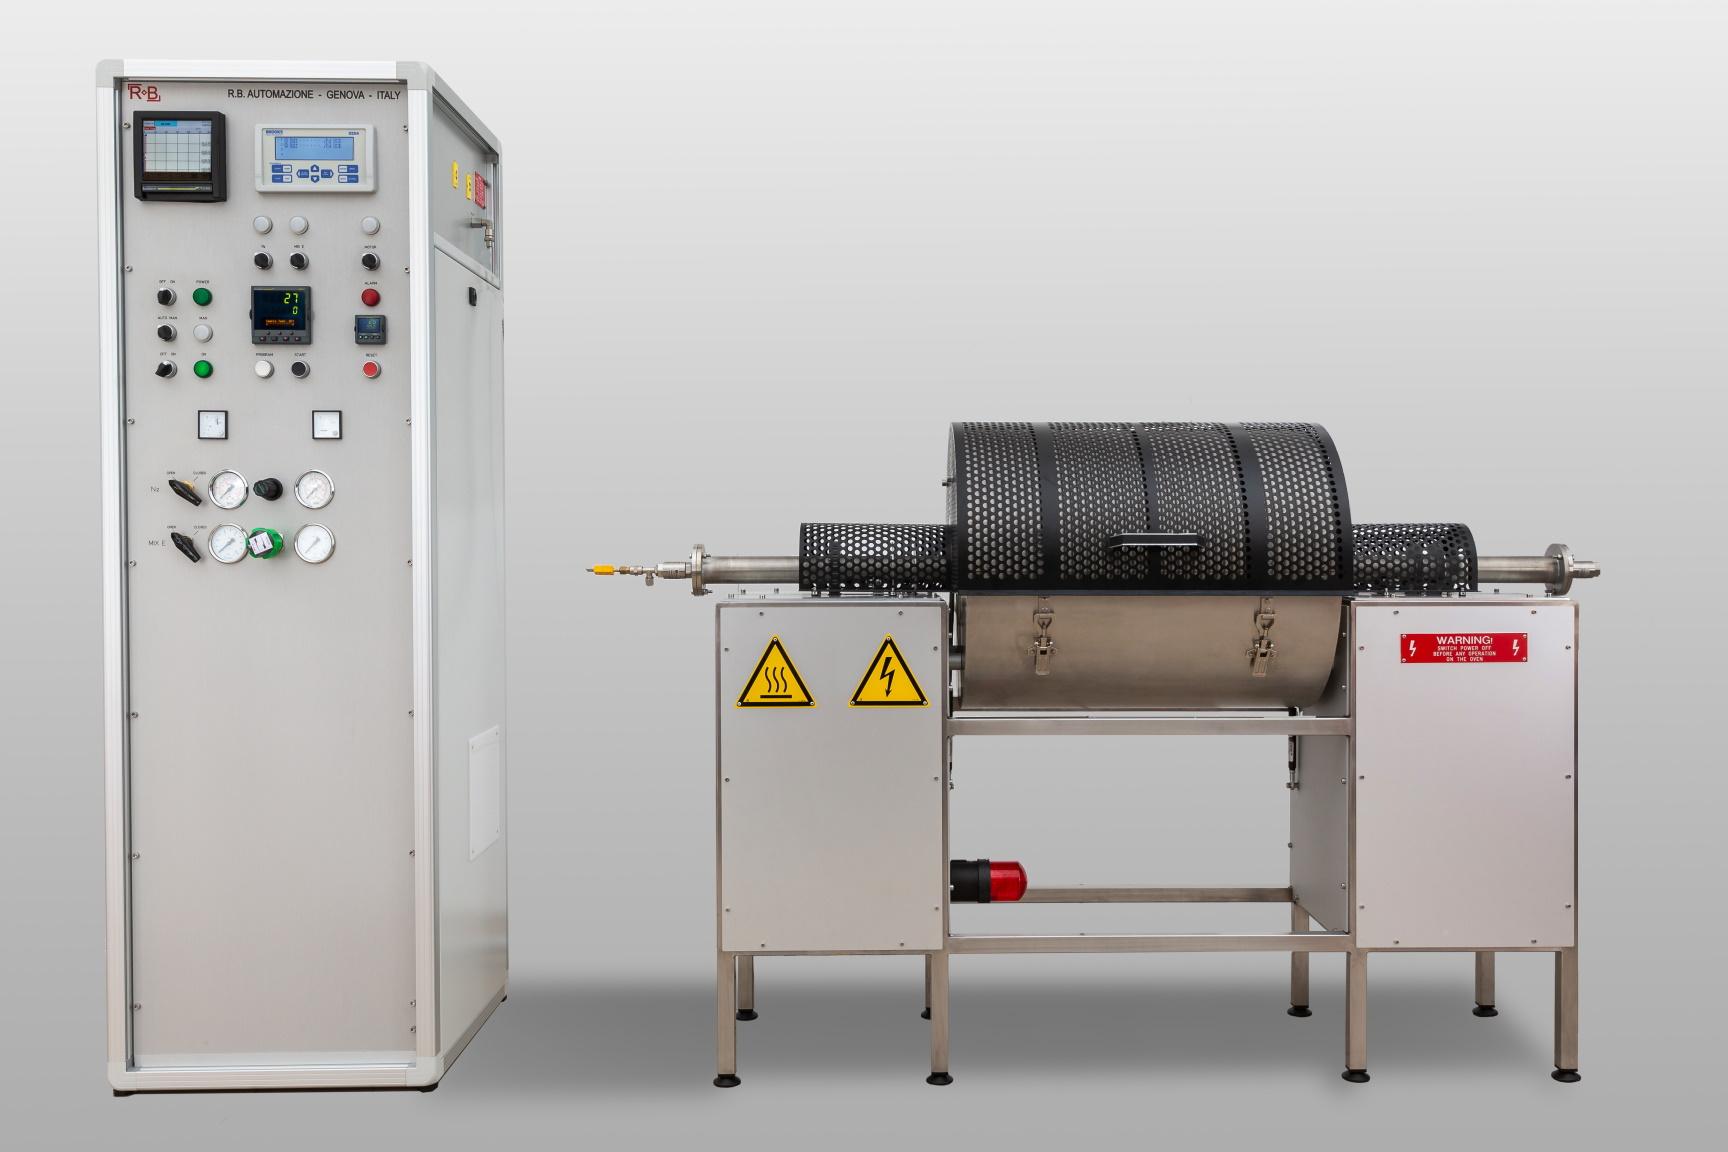 DR 5000 DR 2000 Test System